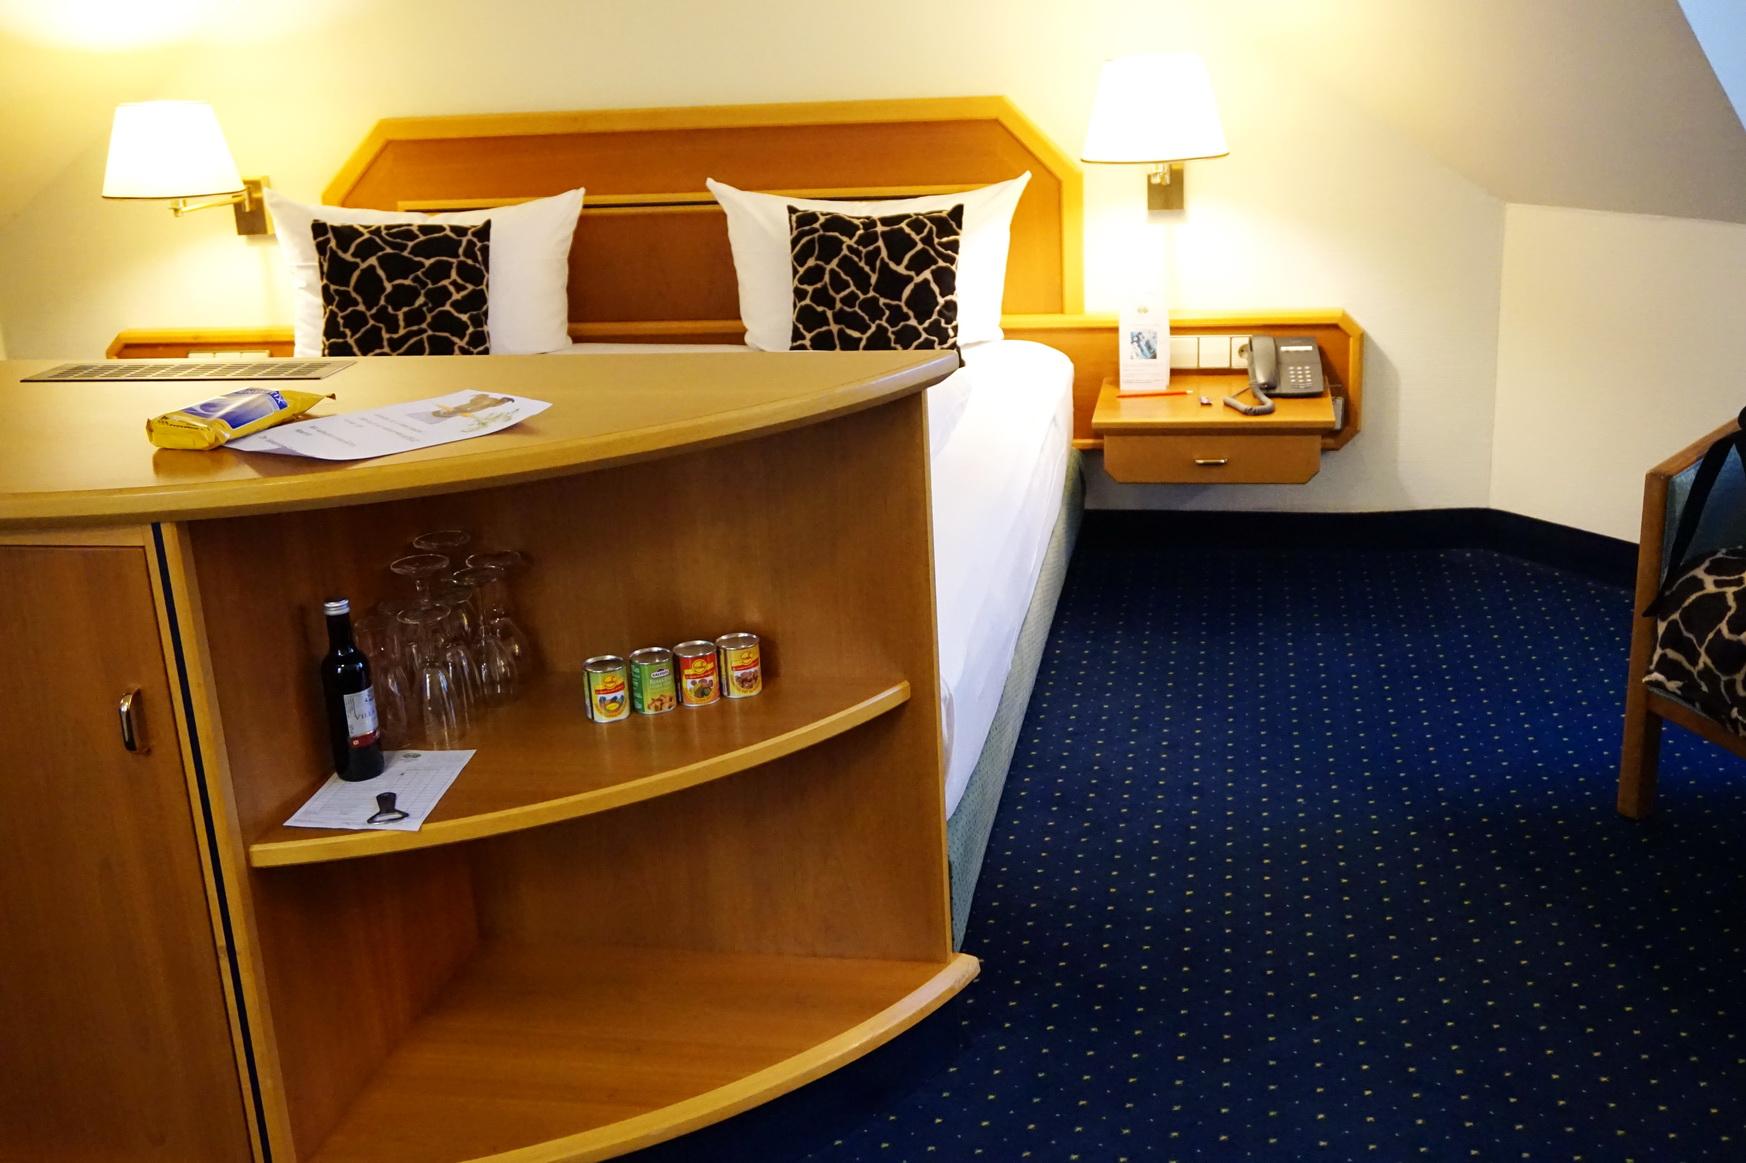 Superior-Doppelzimmer im Sunderland Hotel in Sundern im Sauerland